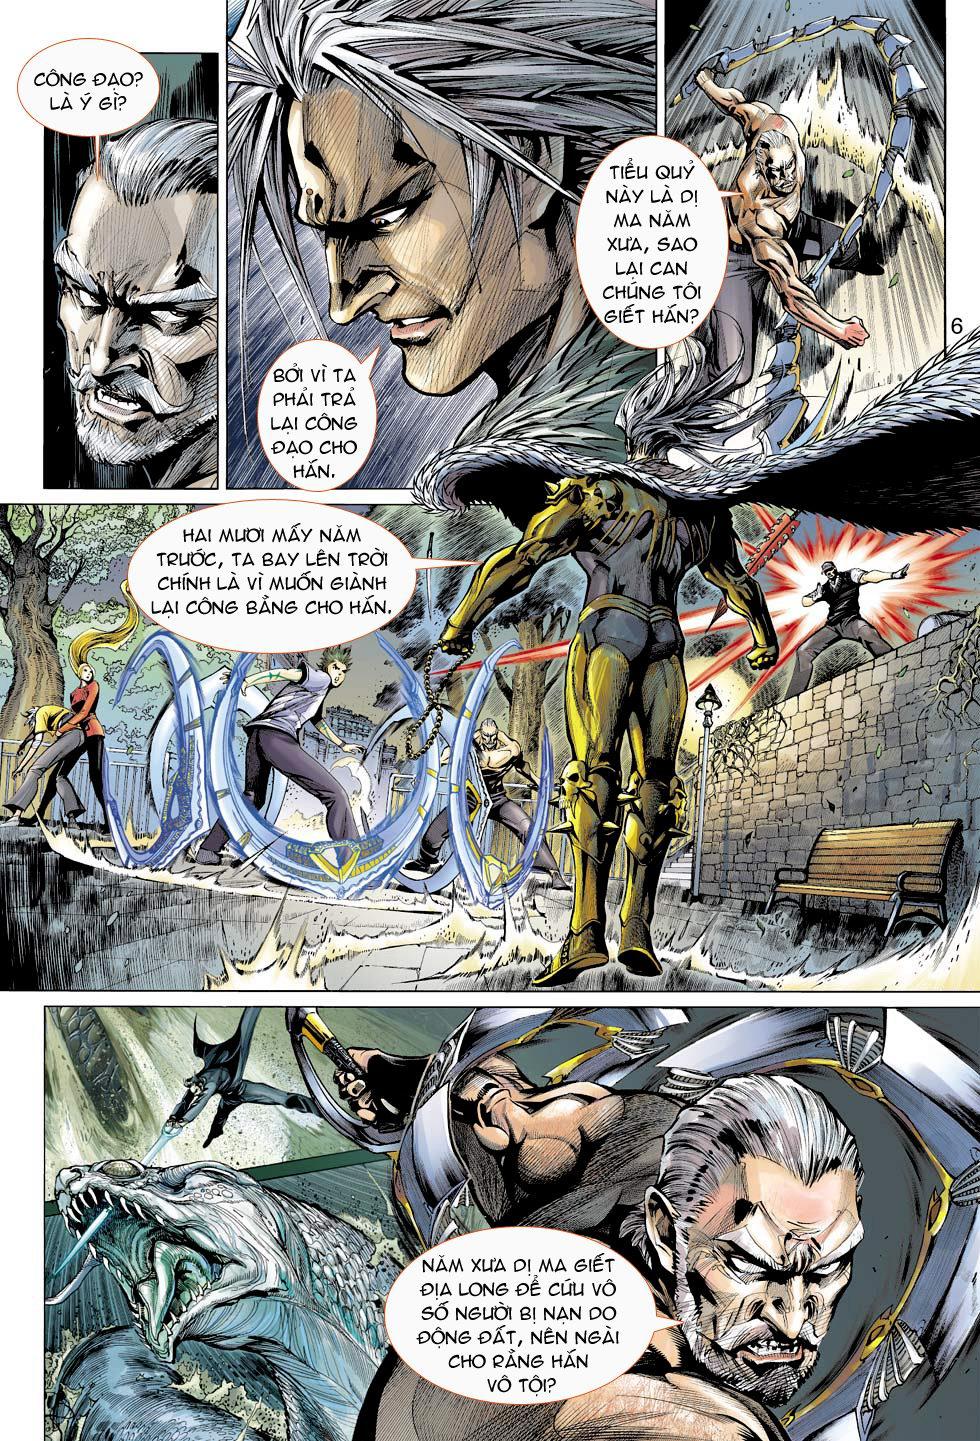 Thần Binh 4 chap 16 - Trang 6